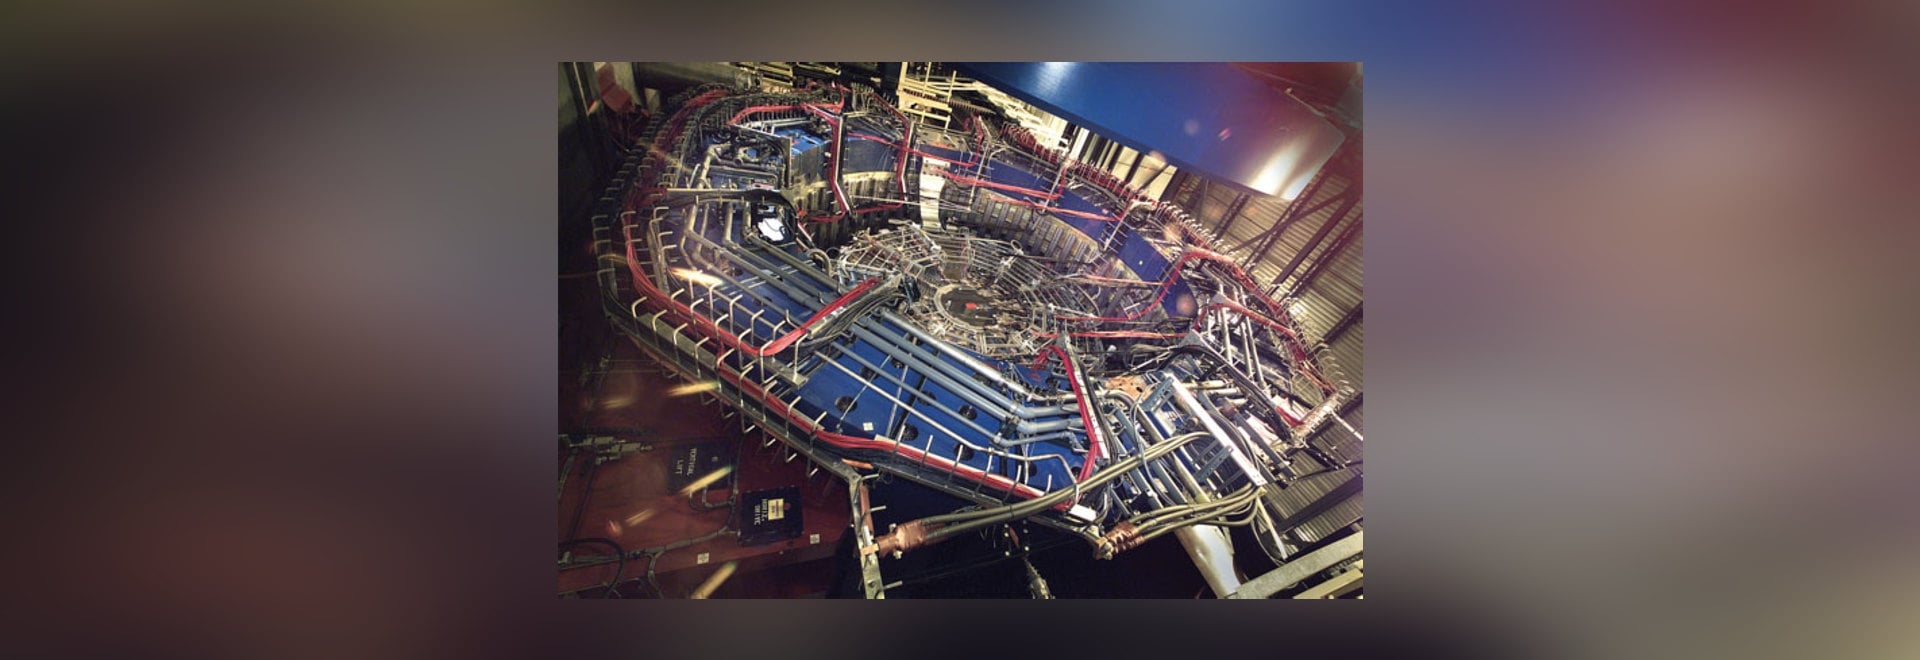 Der STERN-Detektor ist ein Teil des relativistischen schweren IonenCollider (RHIC) gelegen am Brookhaven nationalen Laboratorium. (Höflichkeit des Brookhaven nationalen Laboratoriums)